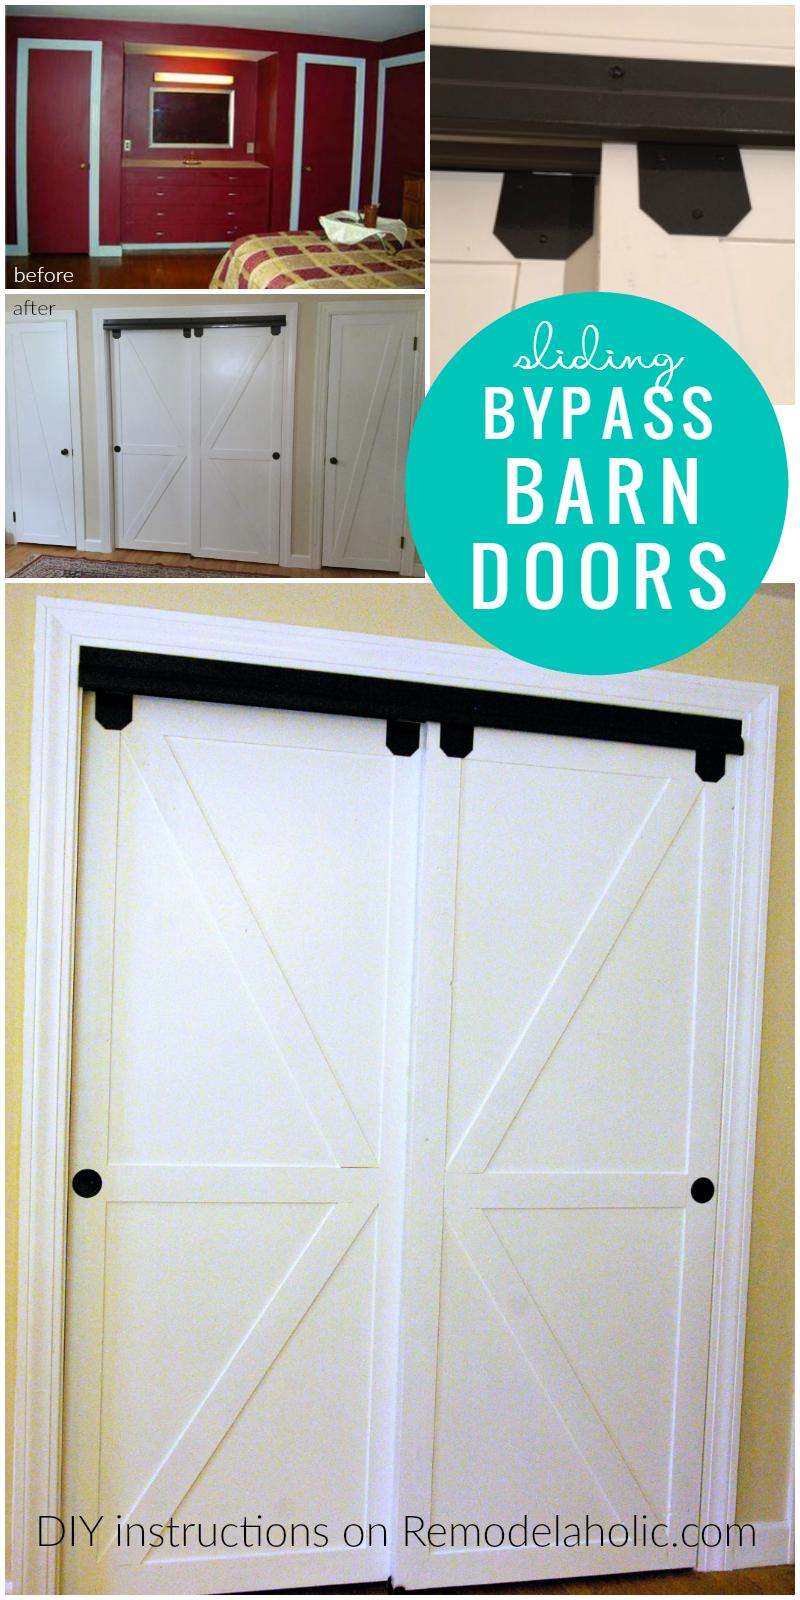 Diy Double Sliding Bypass Barn Doors Remodelaholic Bypass Barn